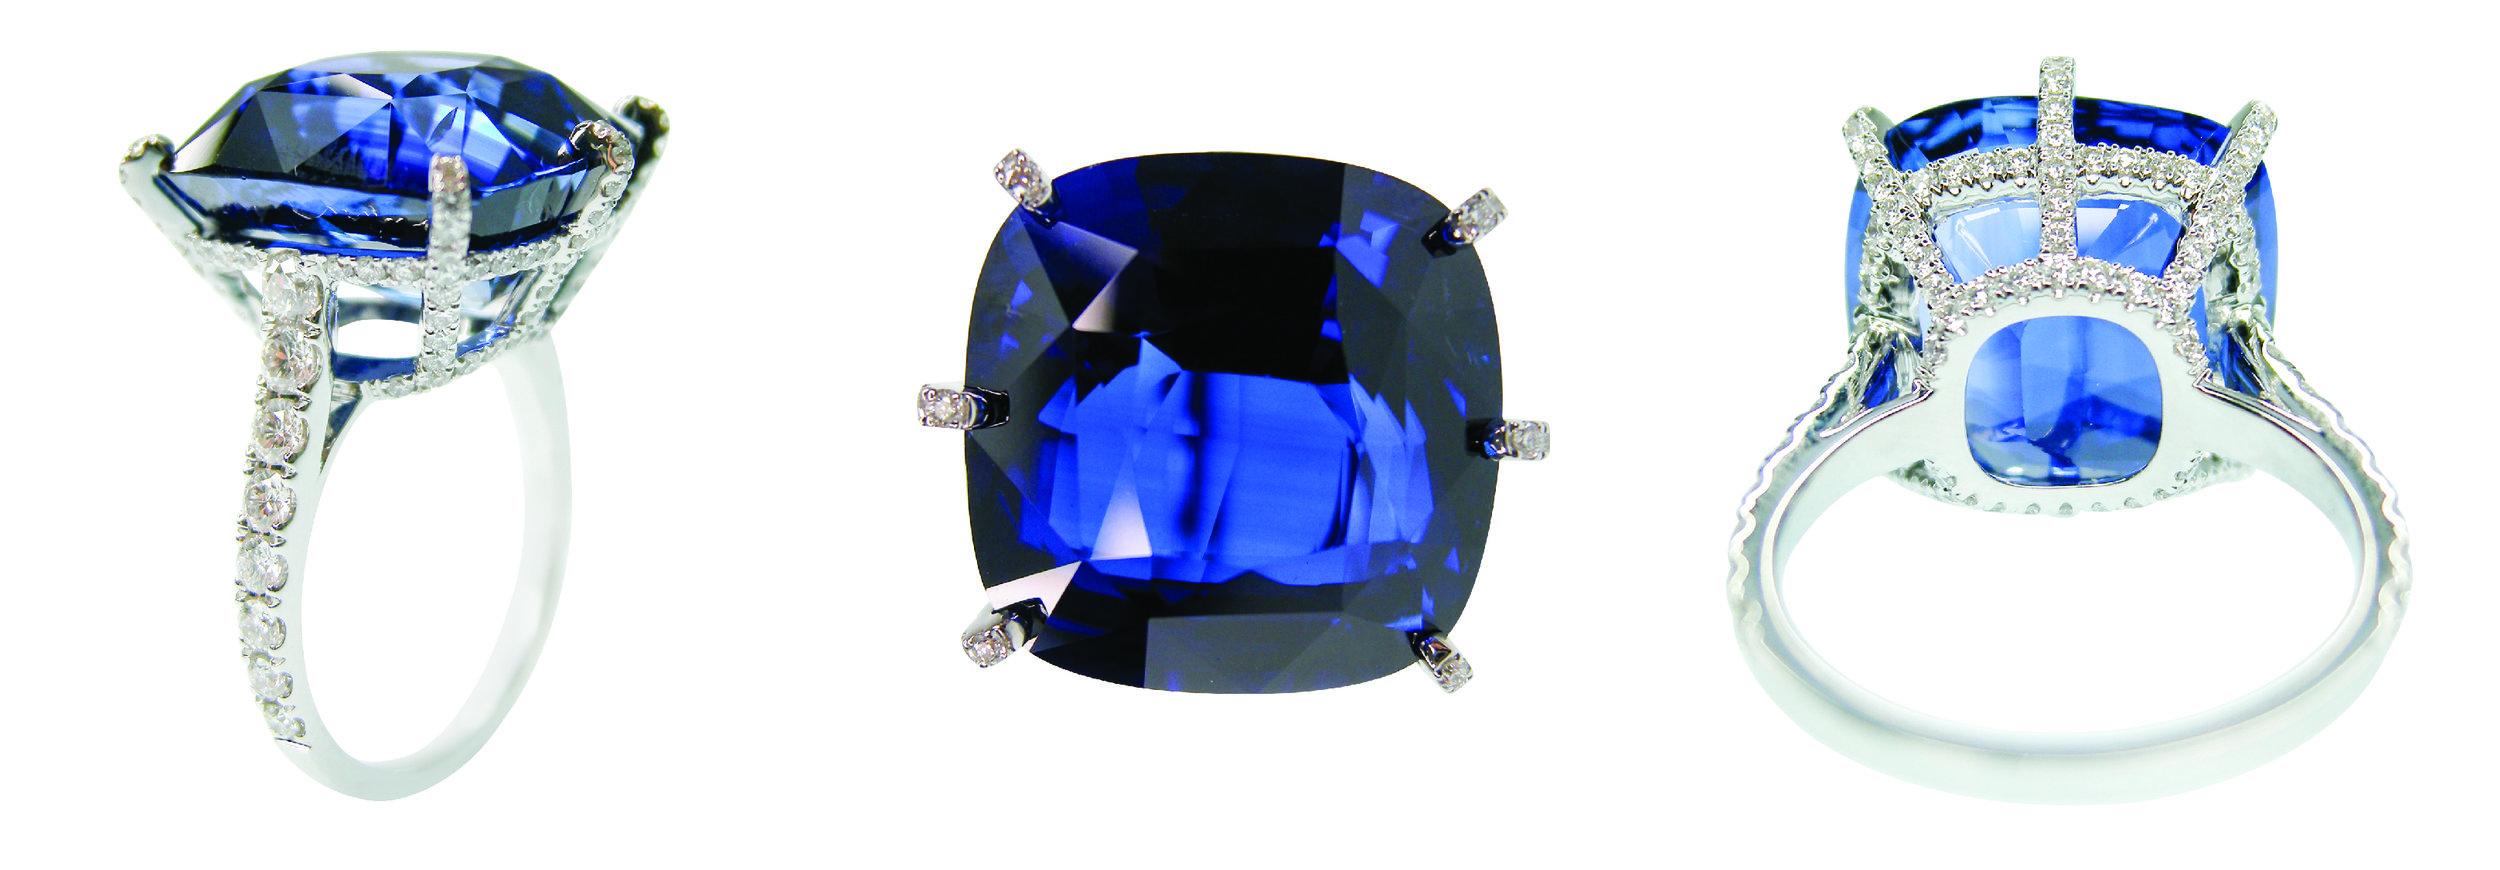 20 CT CEYLON BLUE SAPPHIRE RING